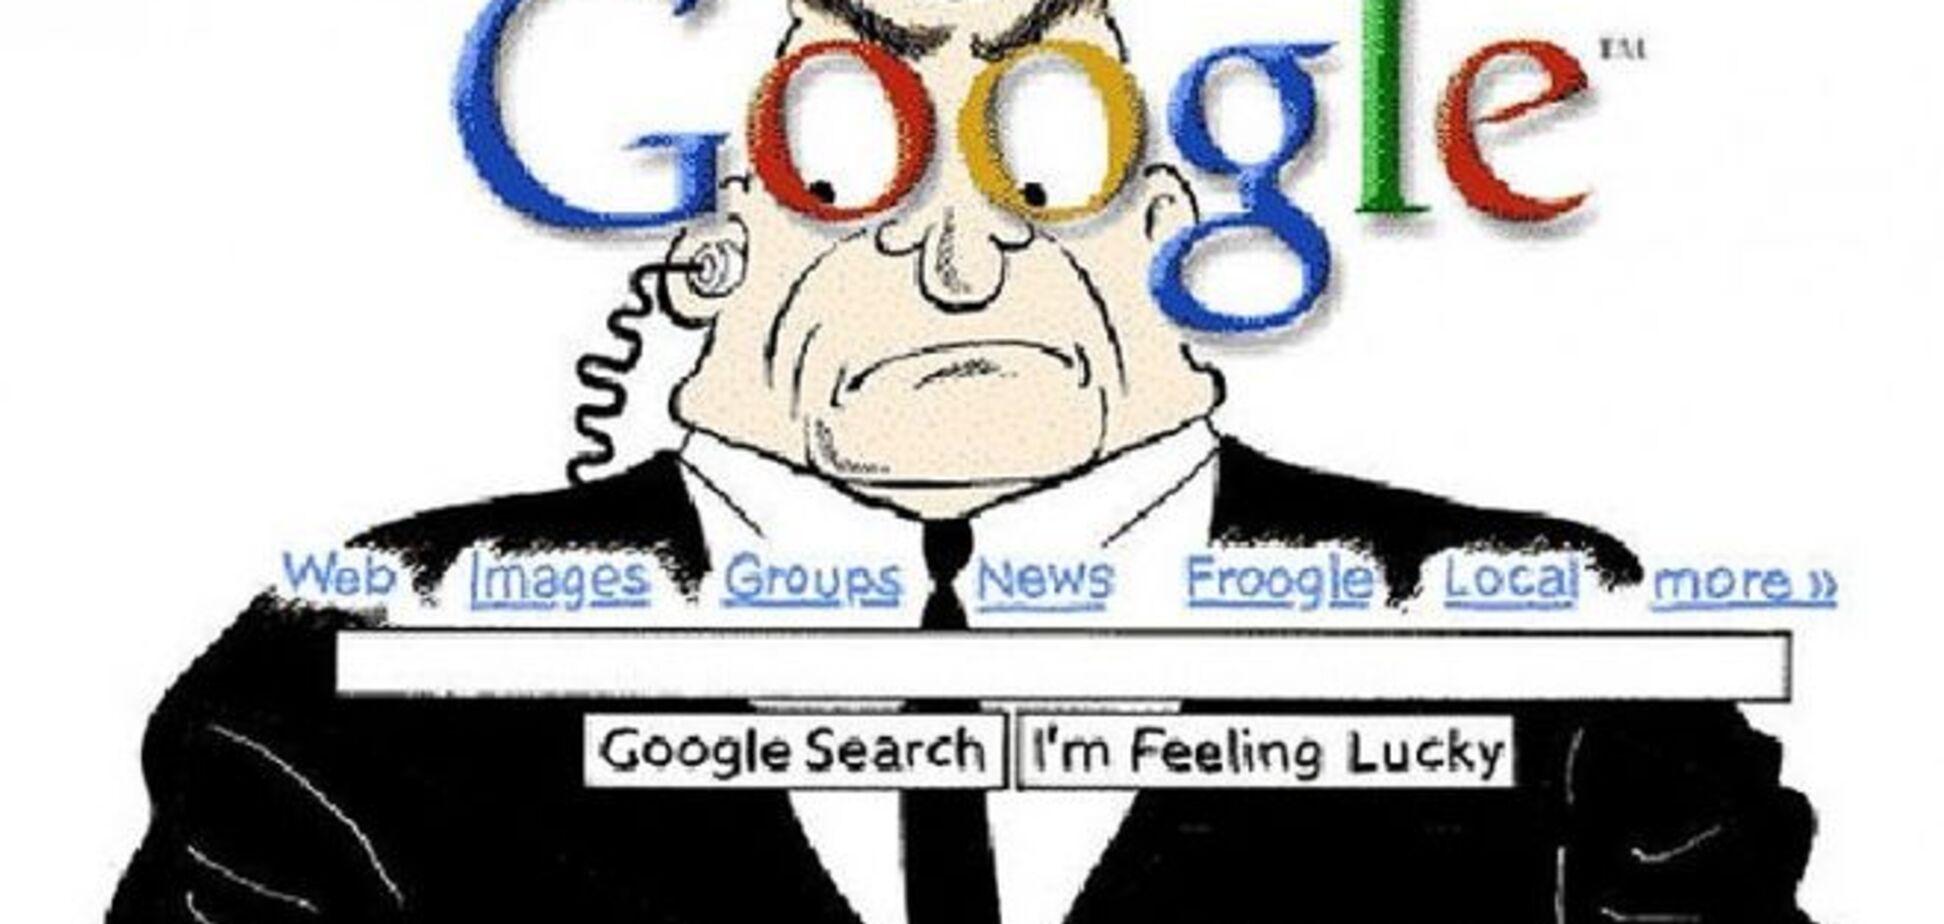 Как избавиться от 'слежки' Google в интернете